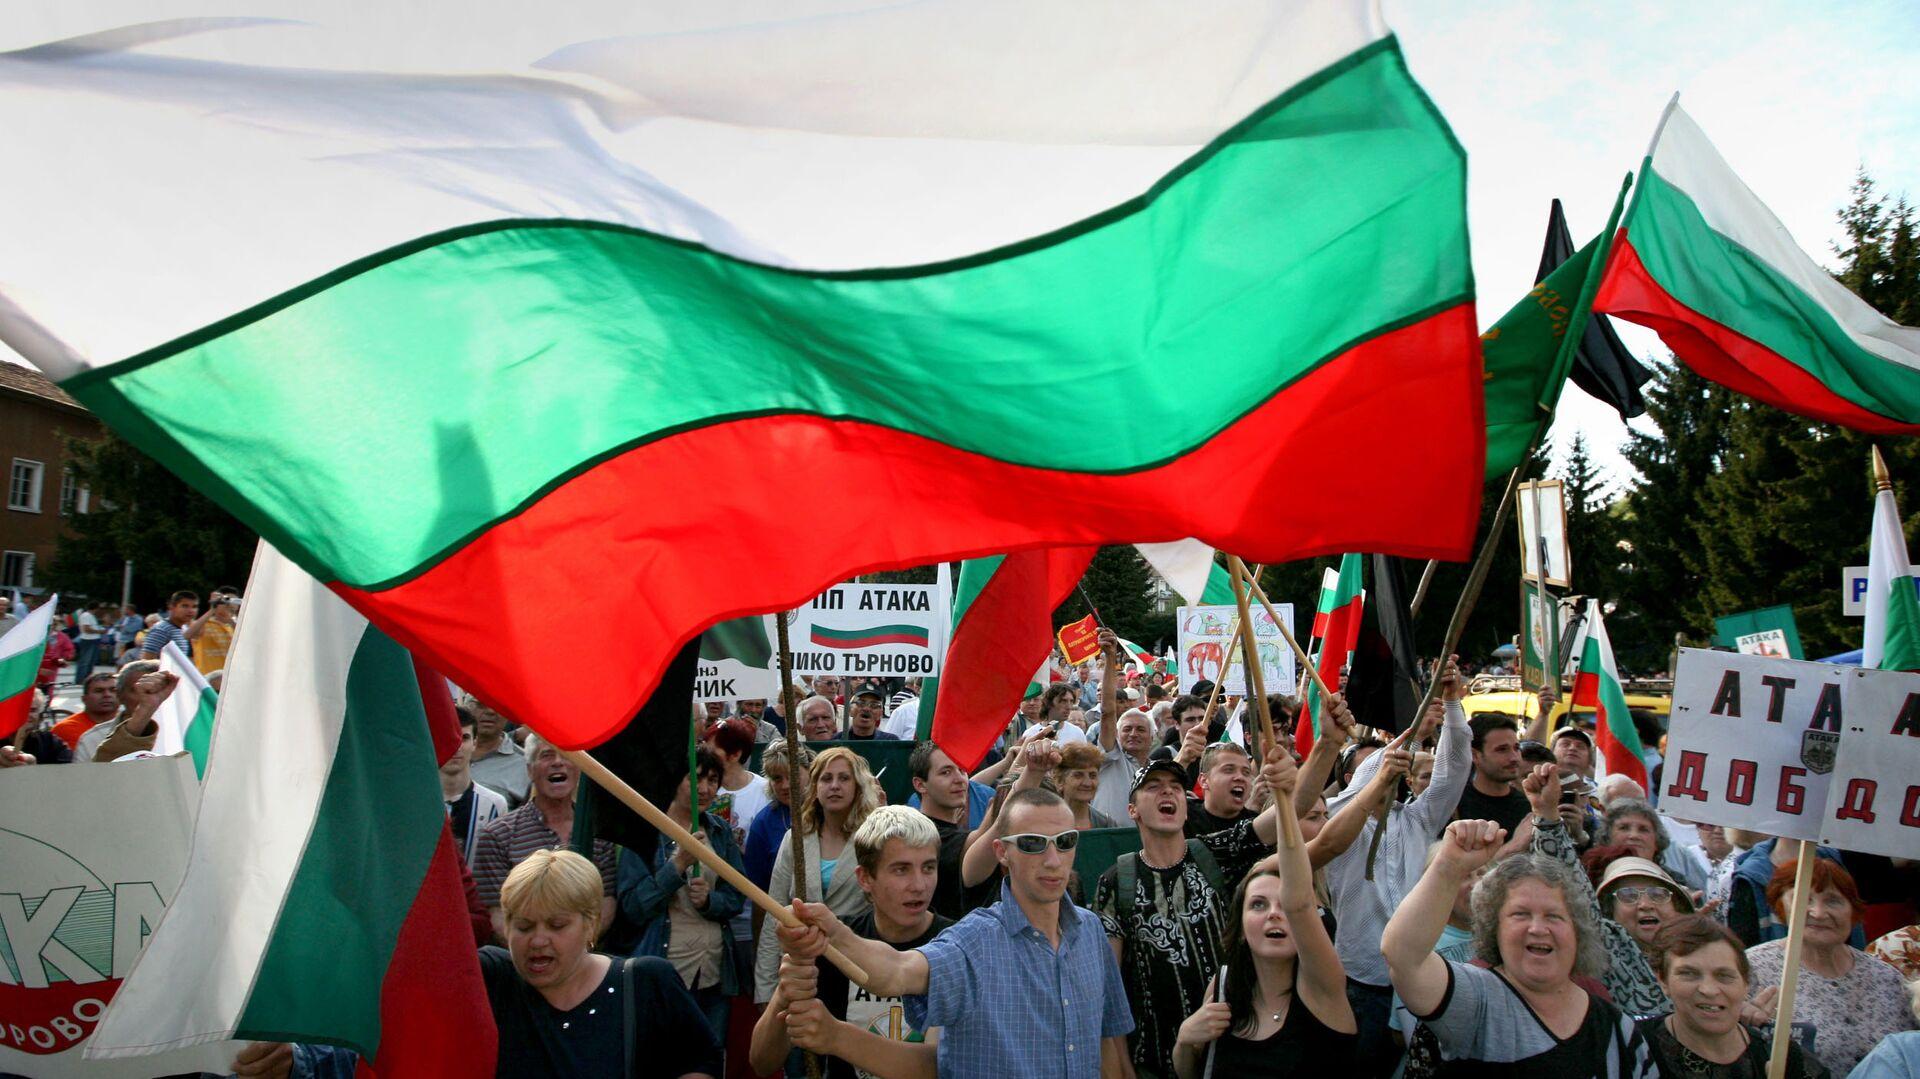 Bugarska zastava - Sputnik Srbija, 1920, 12.10.2021